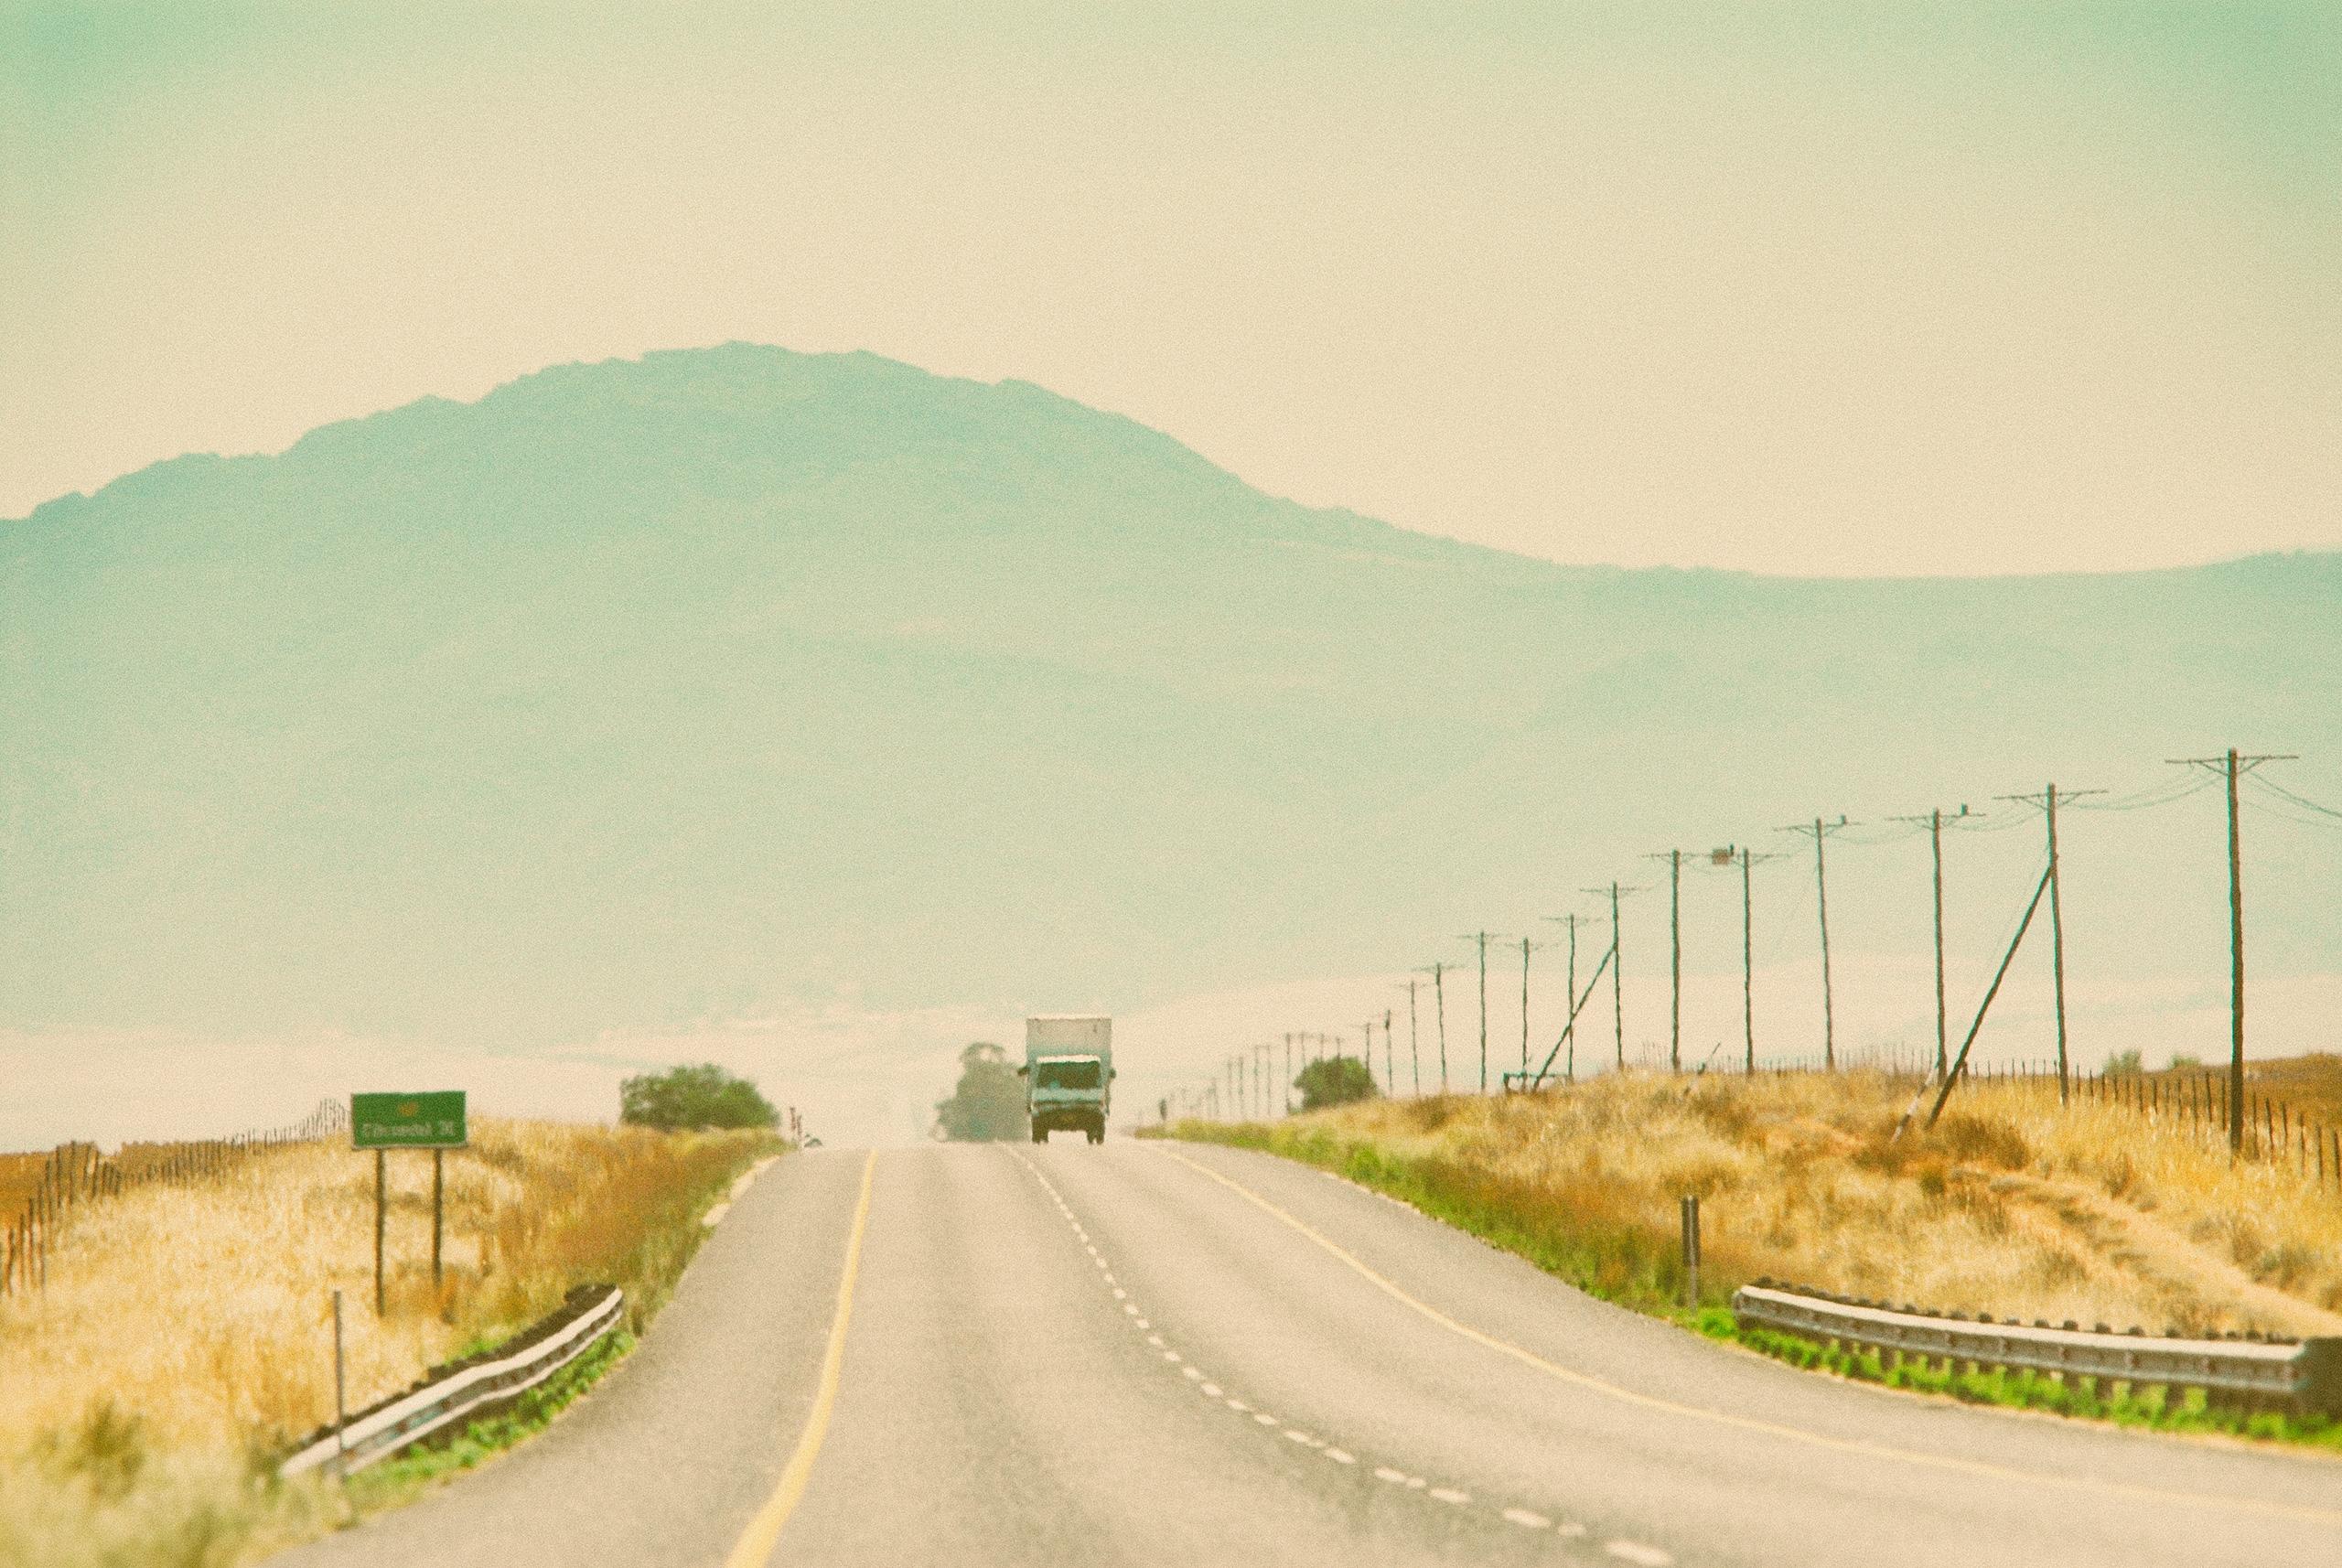 heat north - SouthAfrica, travel - christofkessemeier   ello